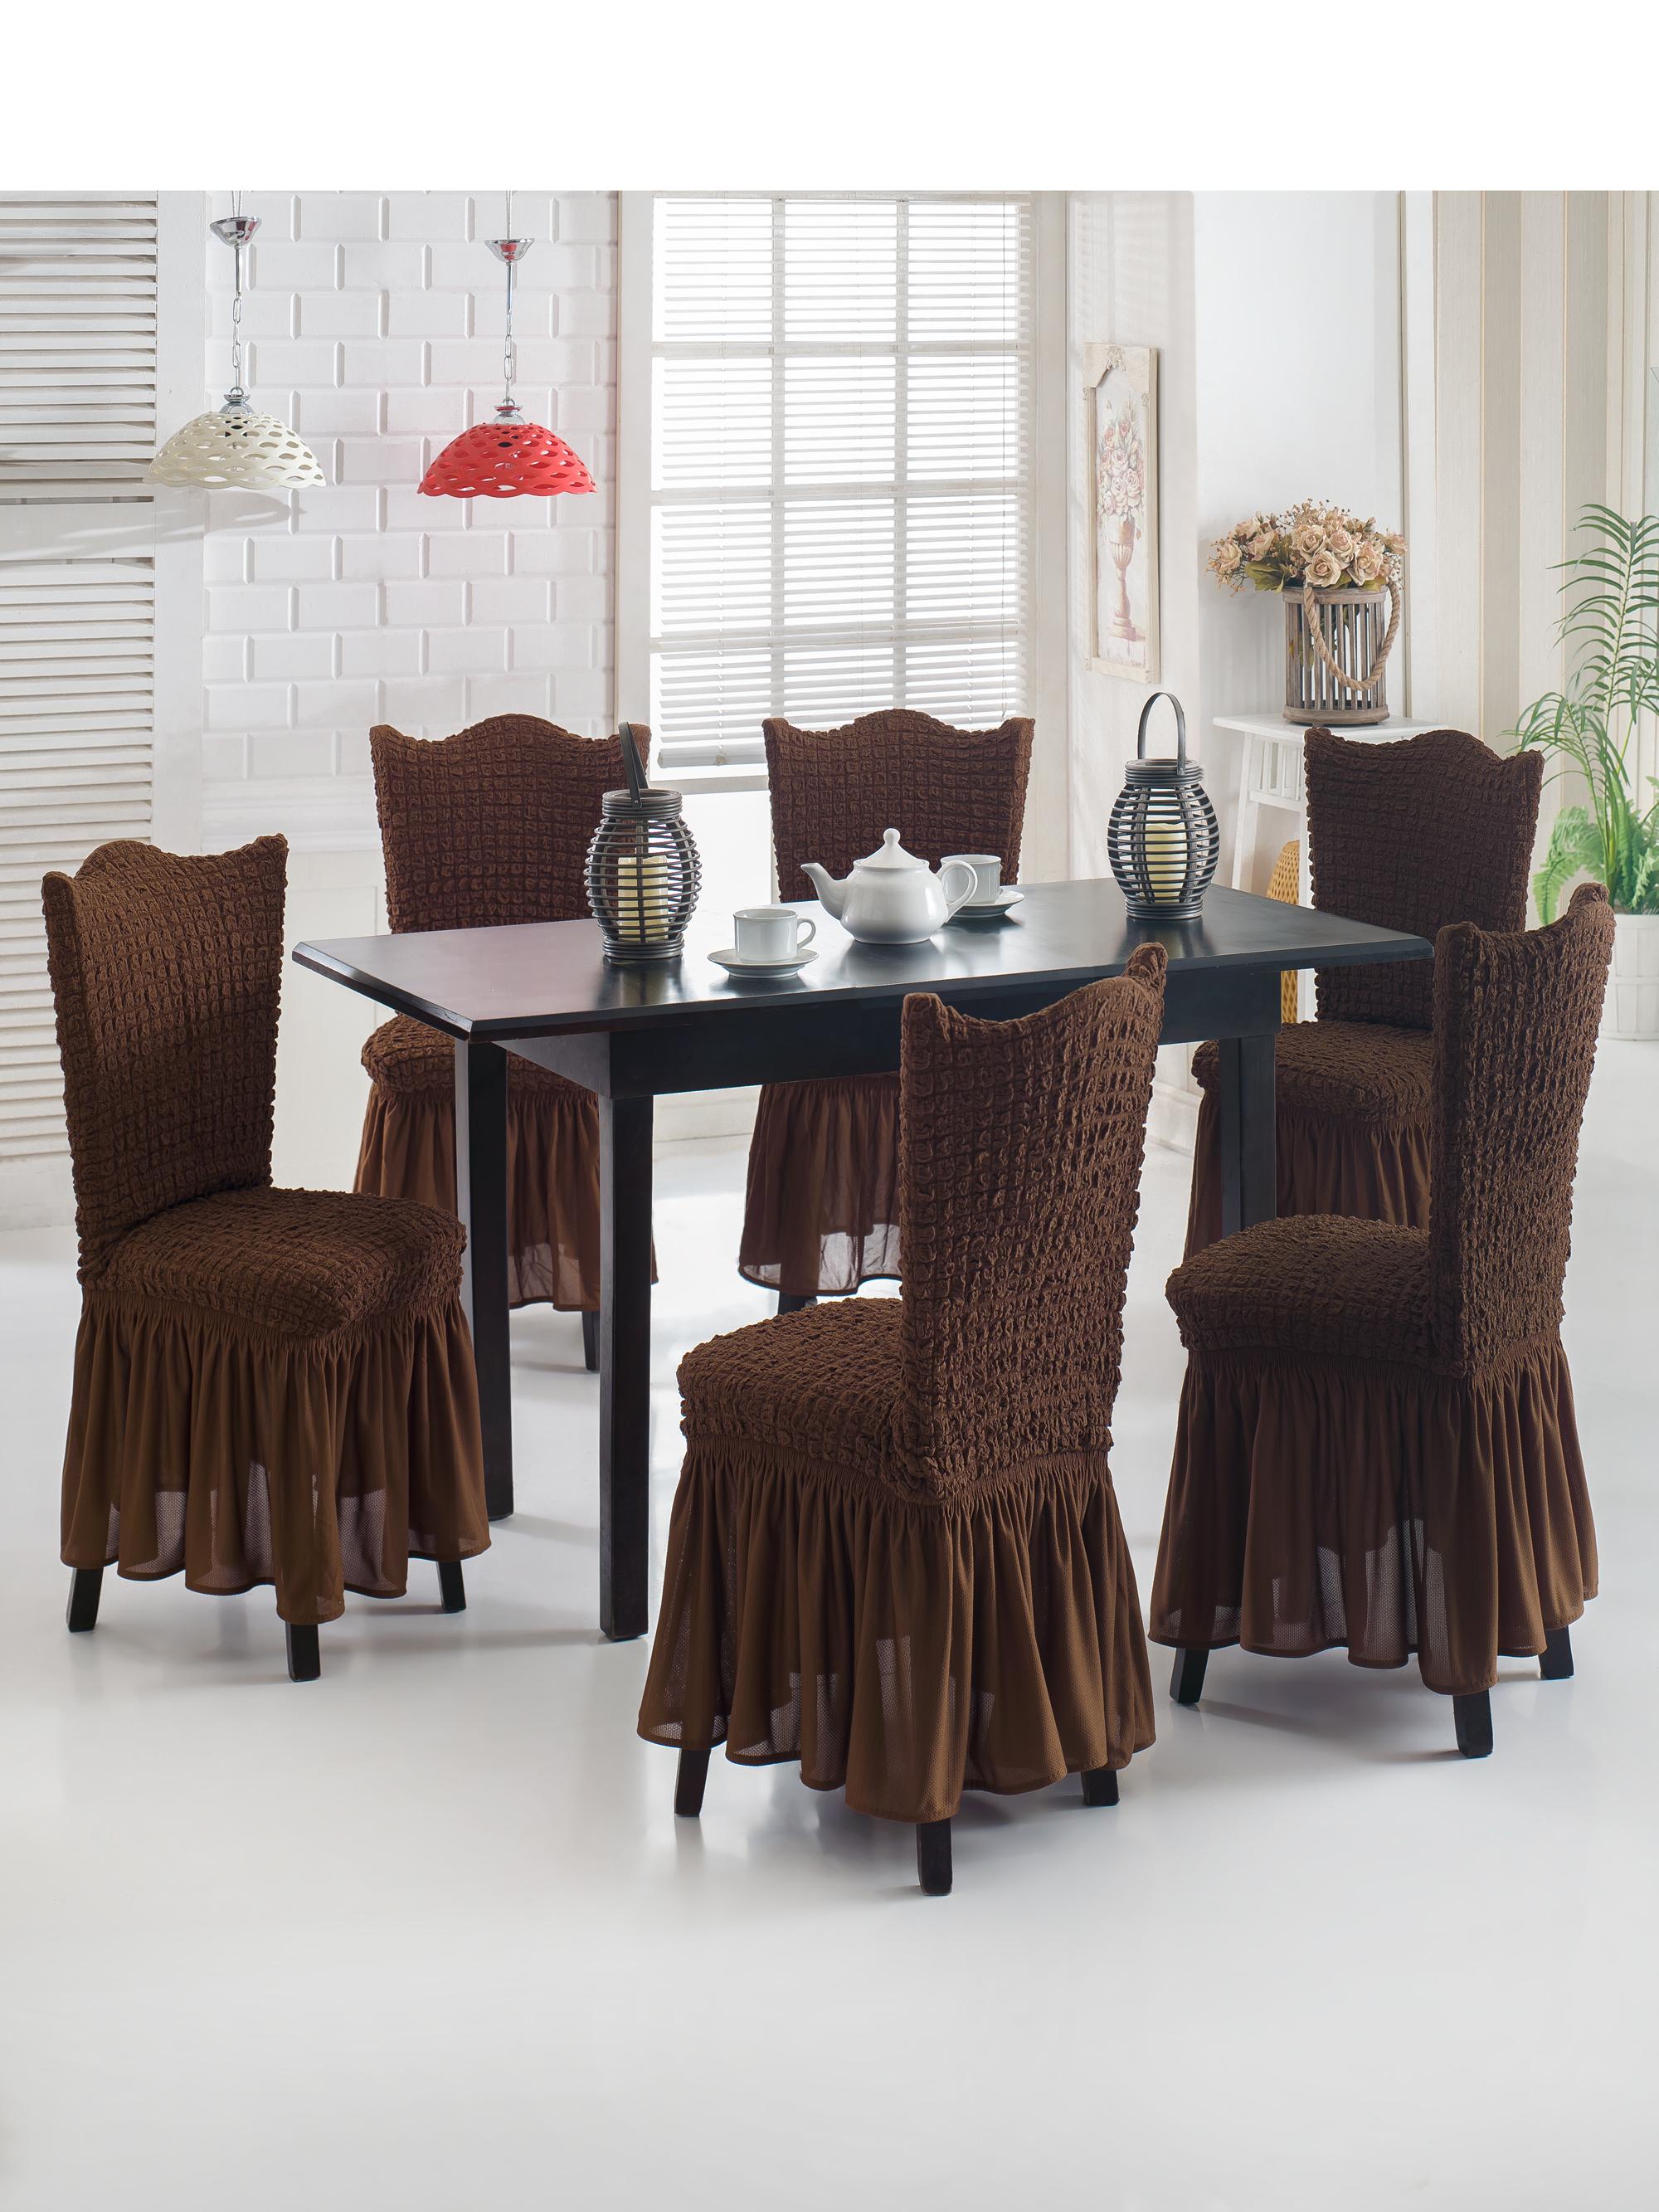 Чехол на мебель JUANNA Чехлы на стулья (6 шт.) JUANNA_шоколадный, шоколадный